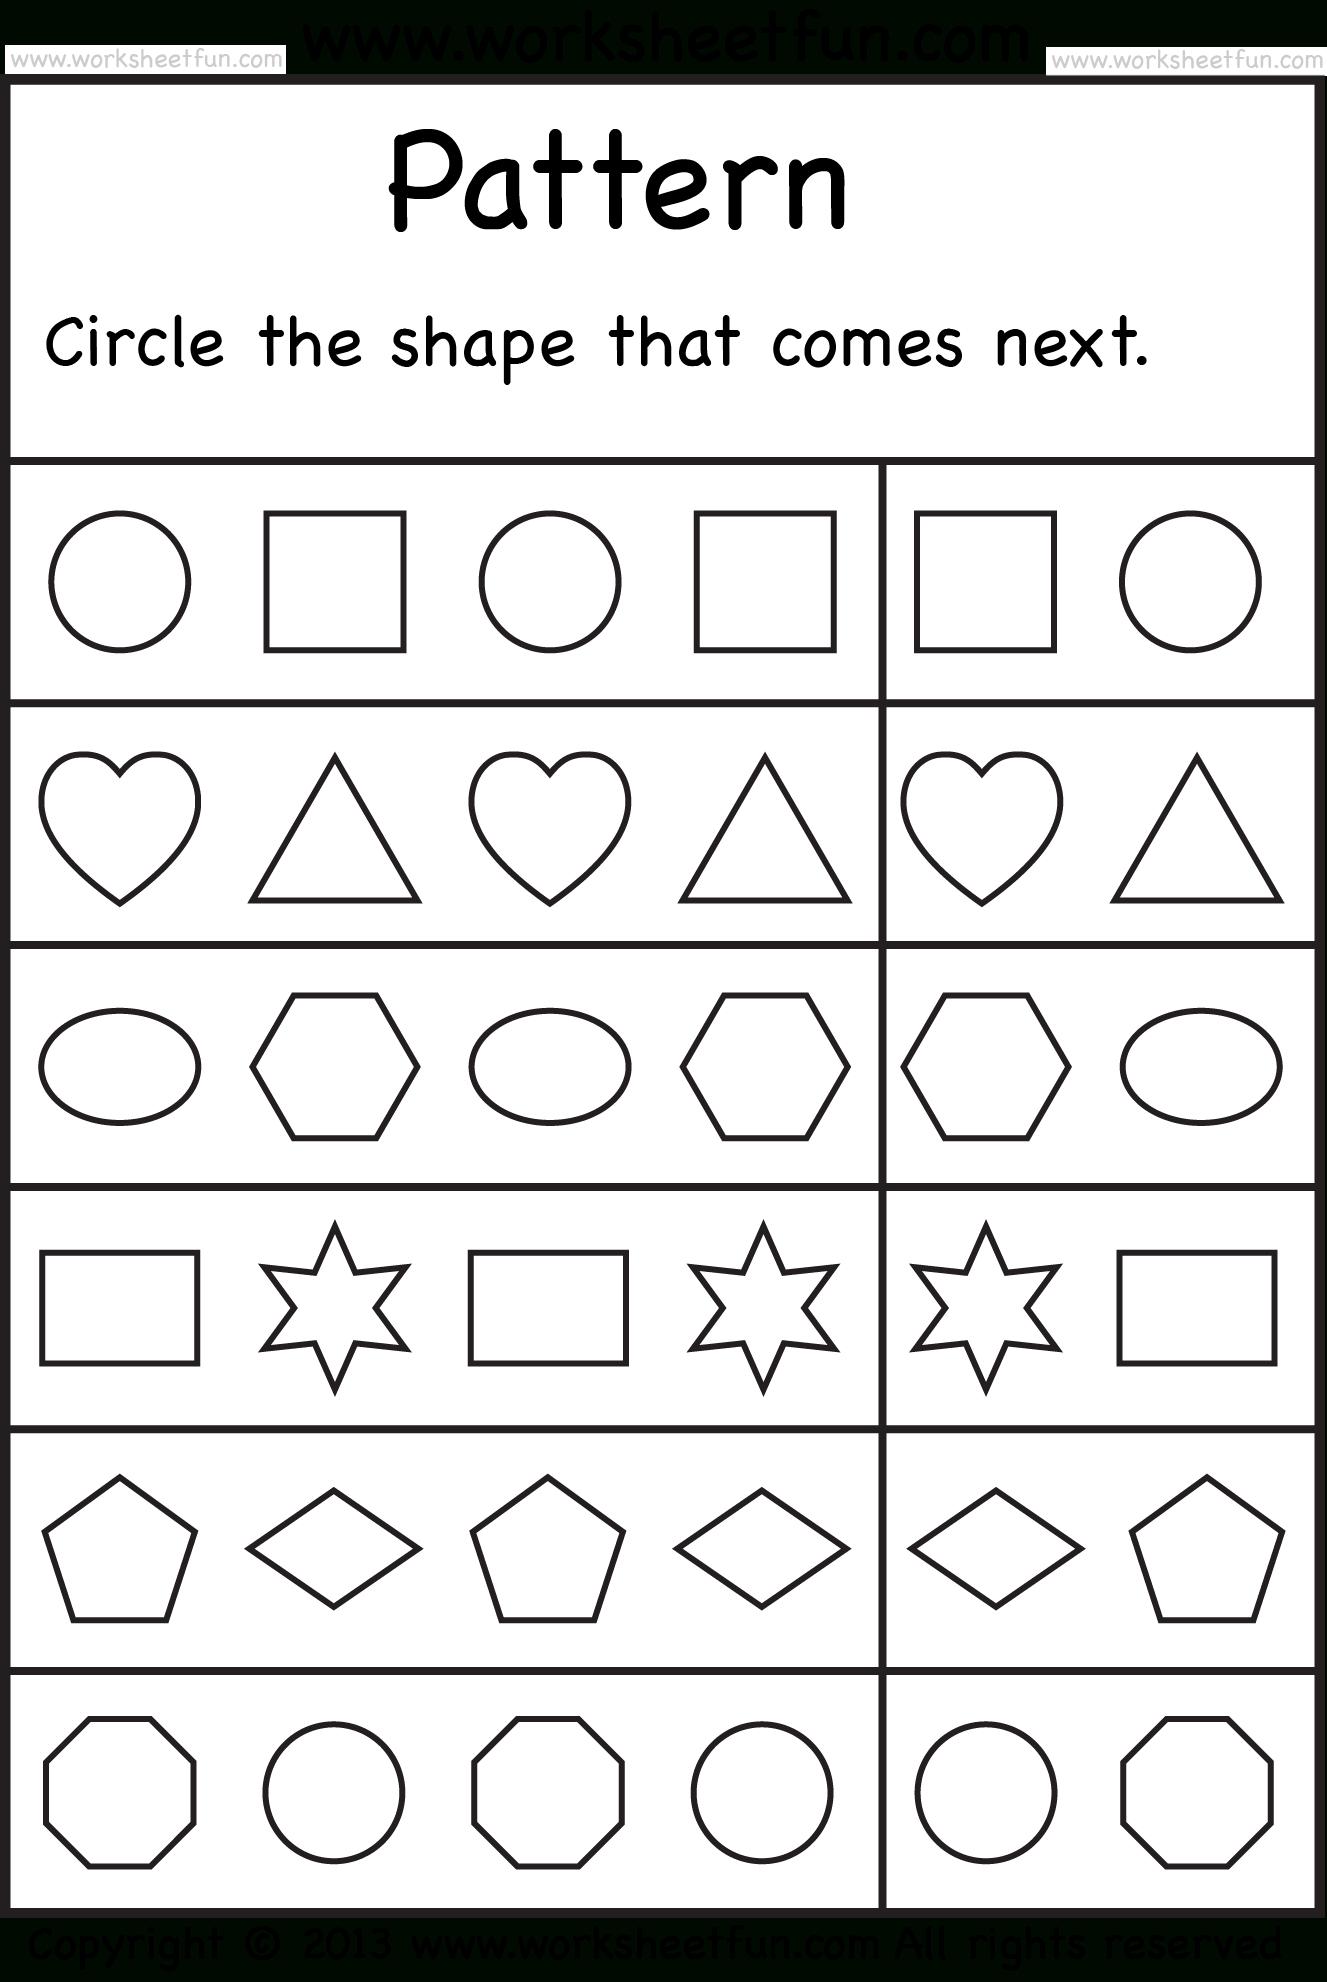 Free Printable Worksheets – Worksheetfun / Free Printable   Kindergarten Homework Printable Worksheets